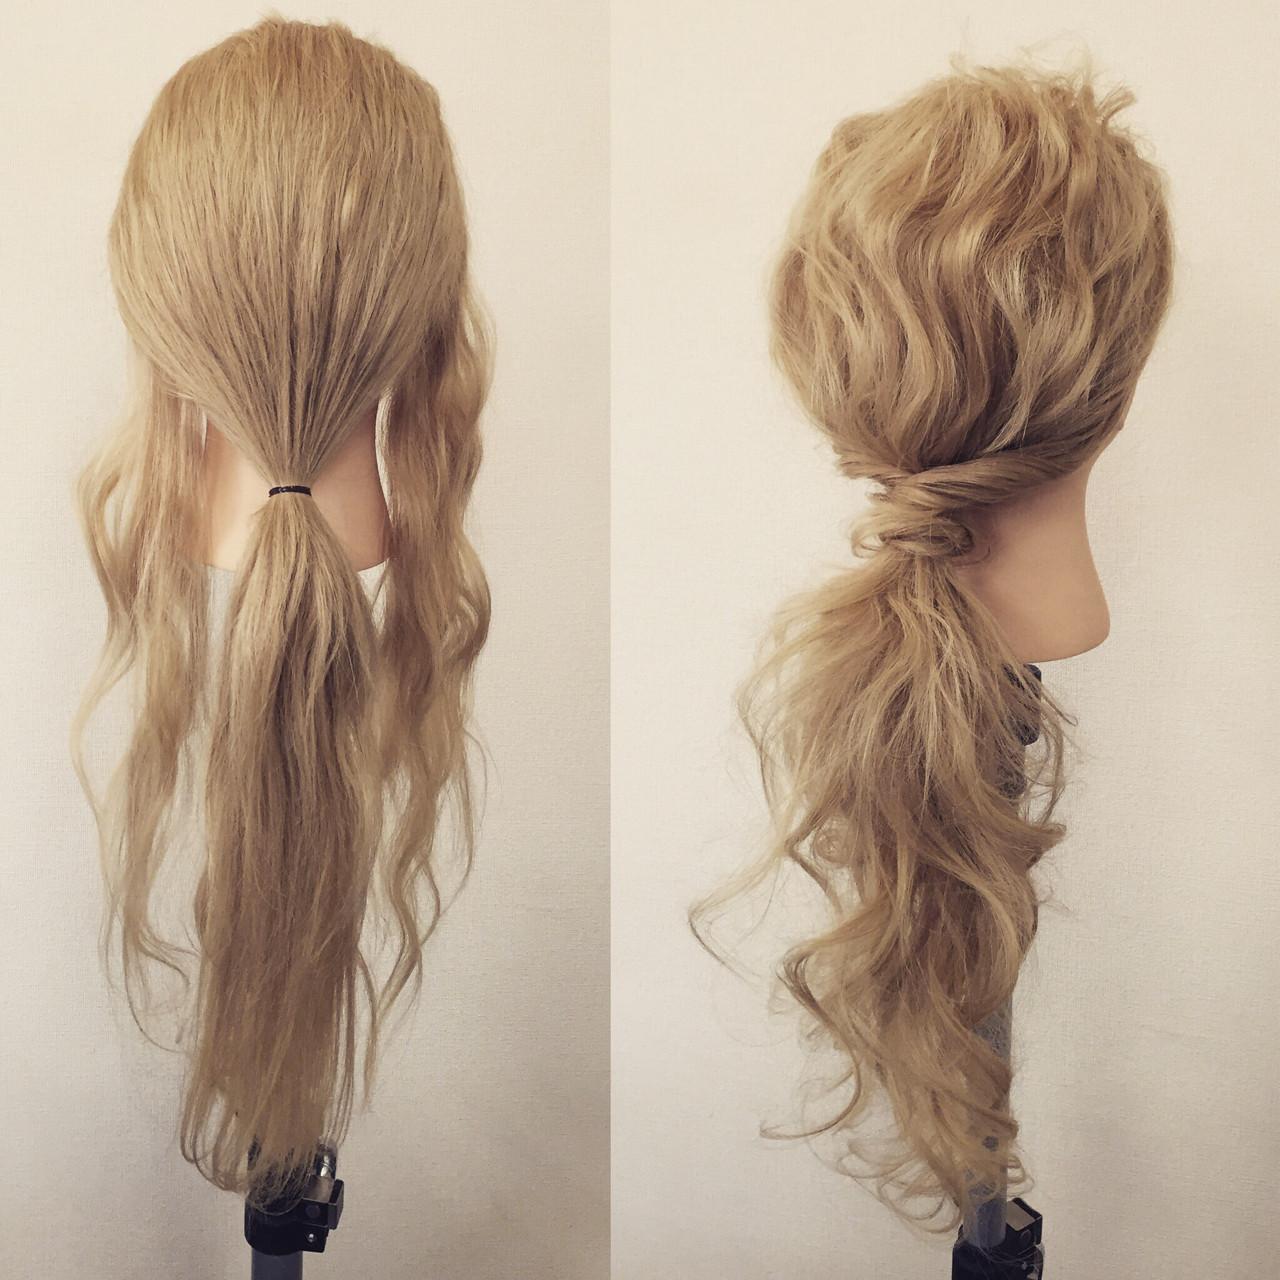 フェミニン 簡単ヘアアレンジ ロング 大人かわいい ヘアスタイルや髪型の写真・画像 | 佐藤 允美 / Hair Space  ACT  LOCALLY(アクトローカリー)